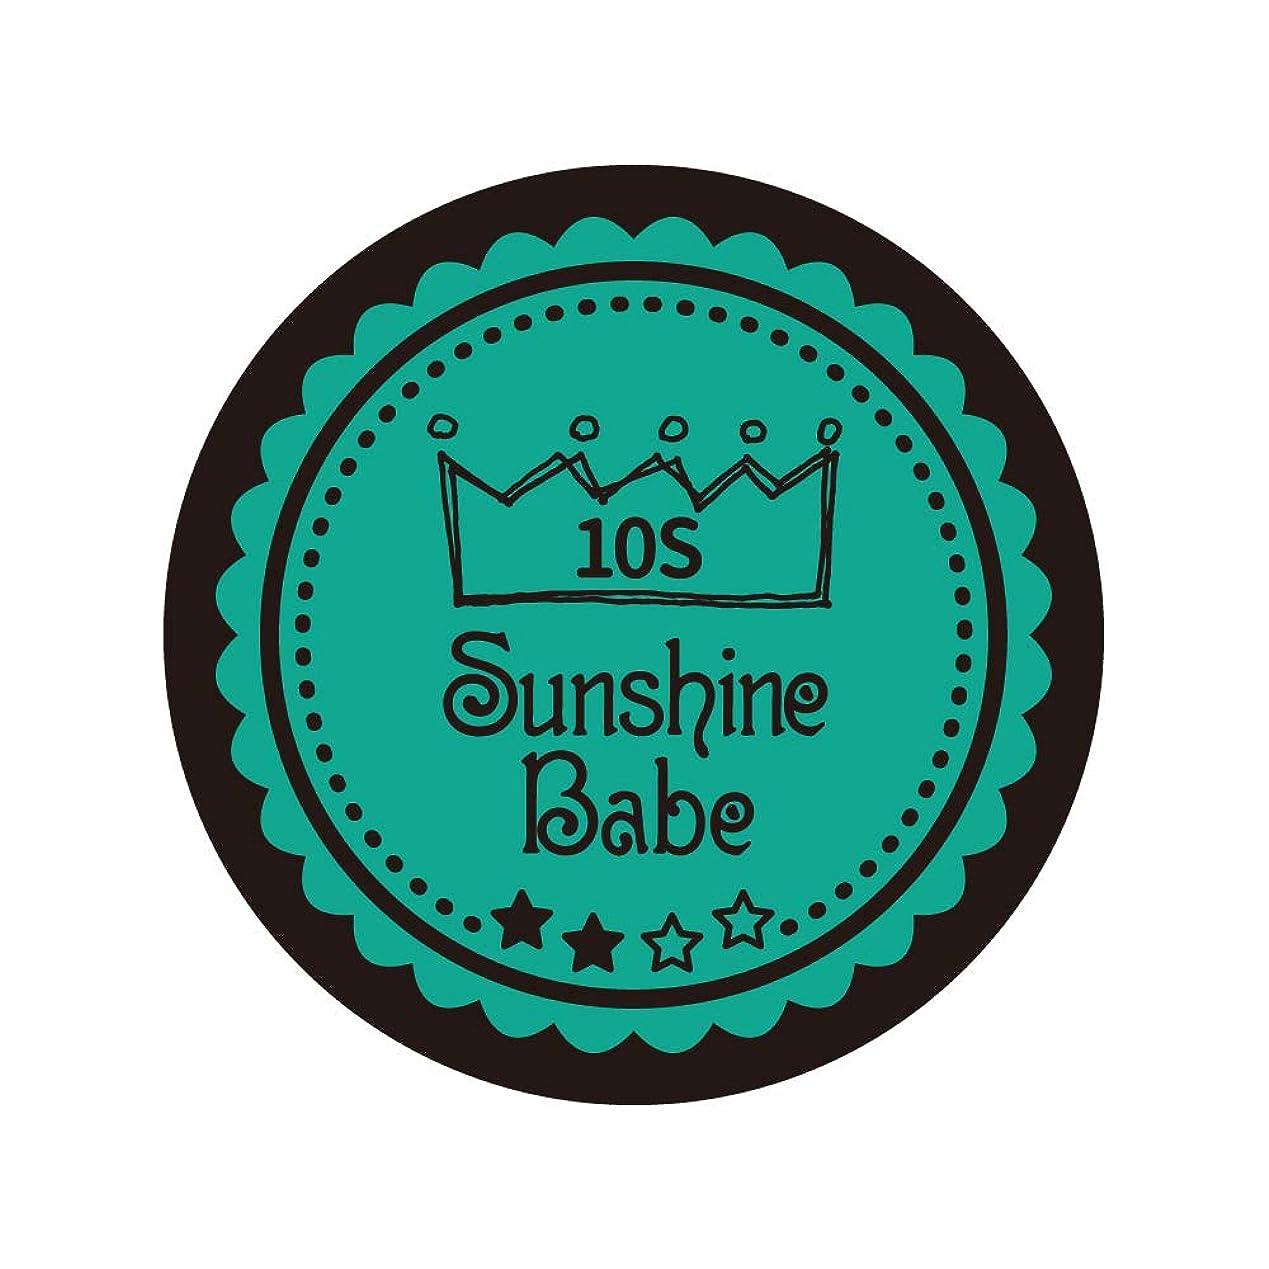 伝説困難乏しいSunshine Babe コスメティックカラー 10S アルカディア 4g UV/LED対応